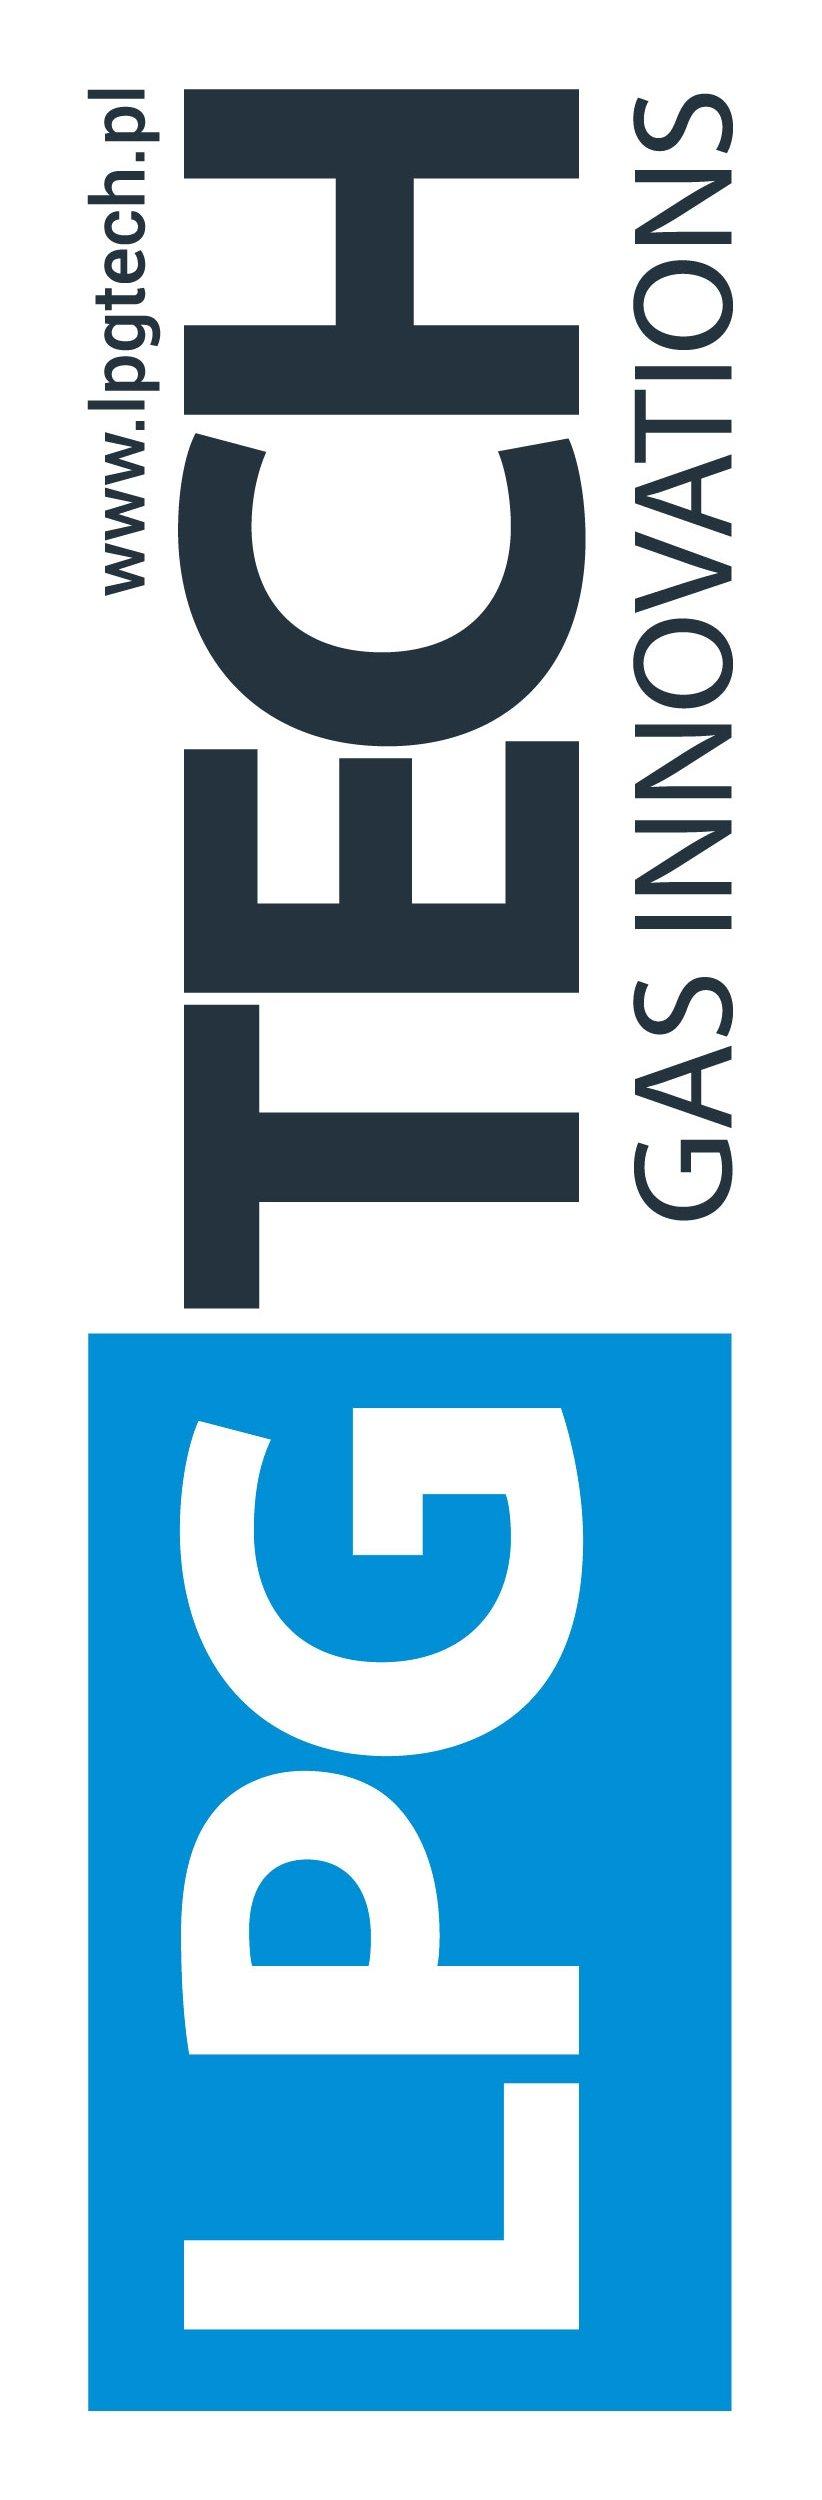 Strona główna auto gaz kraków autoNAgaz.net profesjonalne instalacje LPG LPGTECH